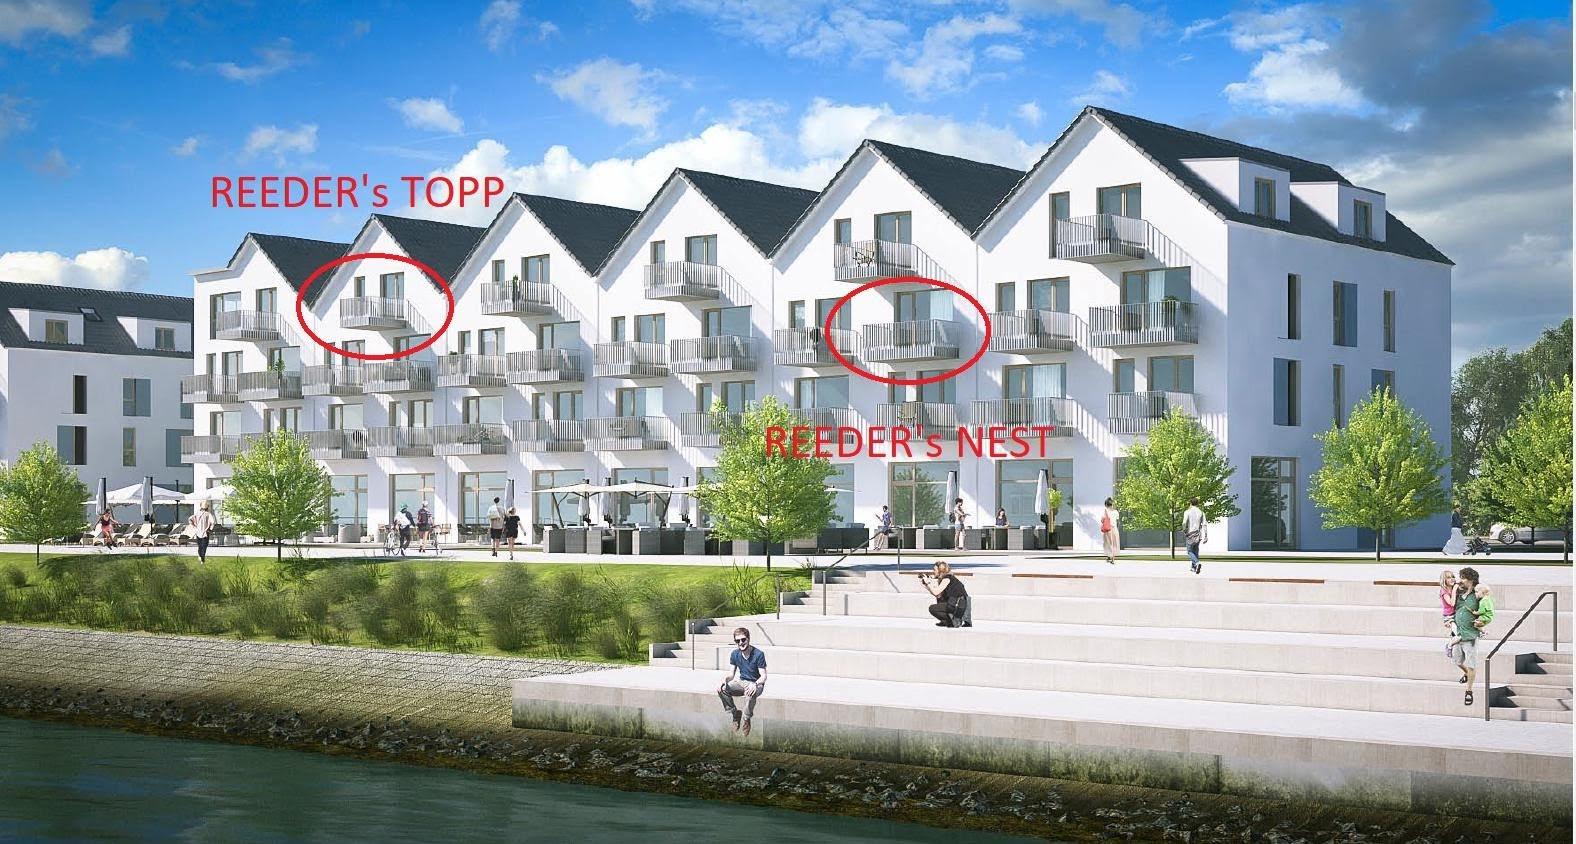 Haus Klabautermann Ferienwohnungen Reeders Topp und Reeders Nest im OstseeResort Olpenitz